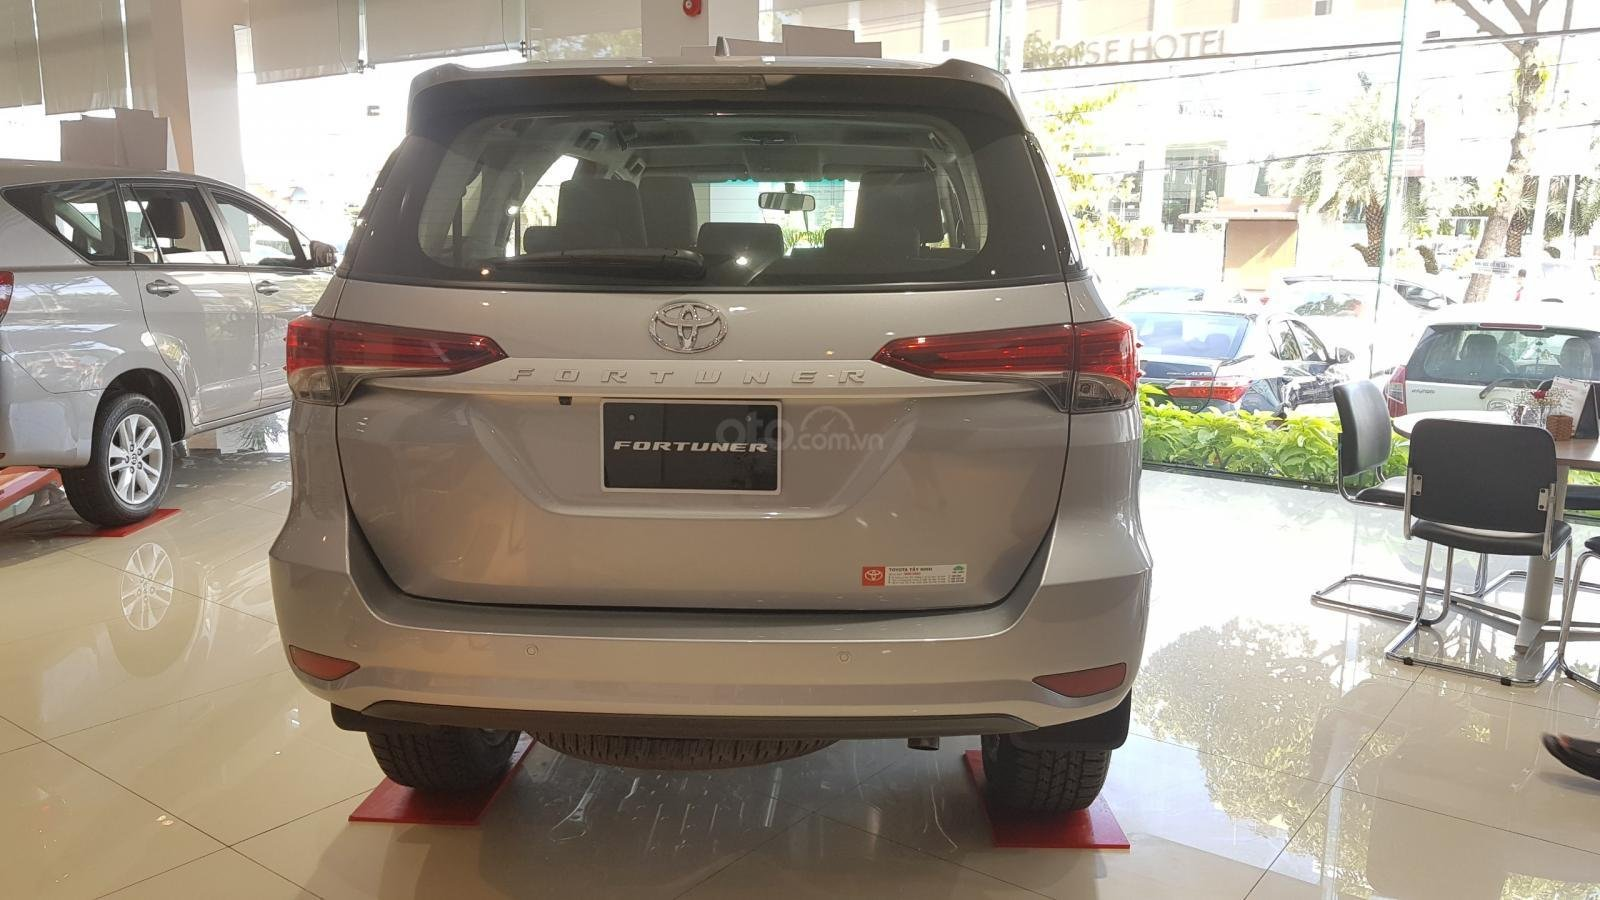 Bán xe Toyota Fortuner 2.4 G đời 2019, khuyến mãi đến 100 triệu, lãi suất 0% (3)